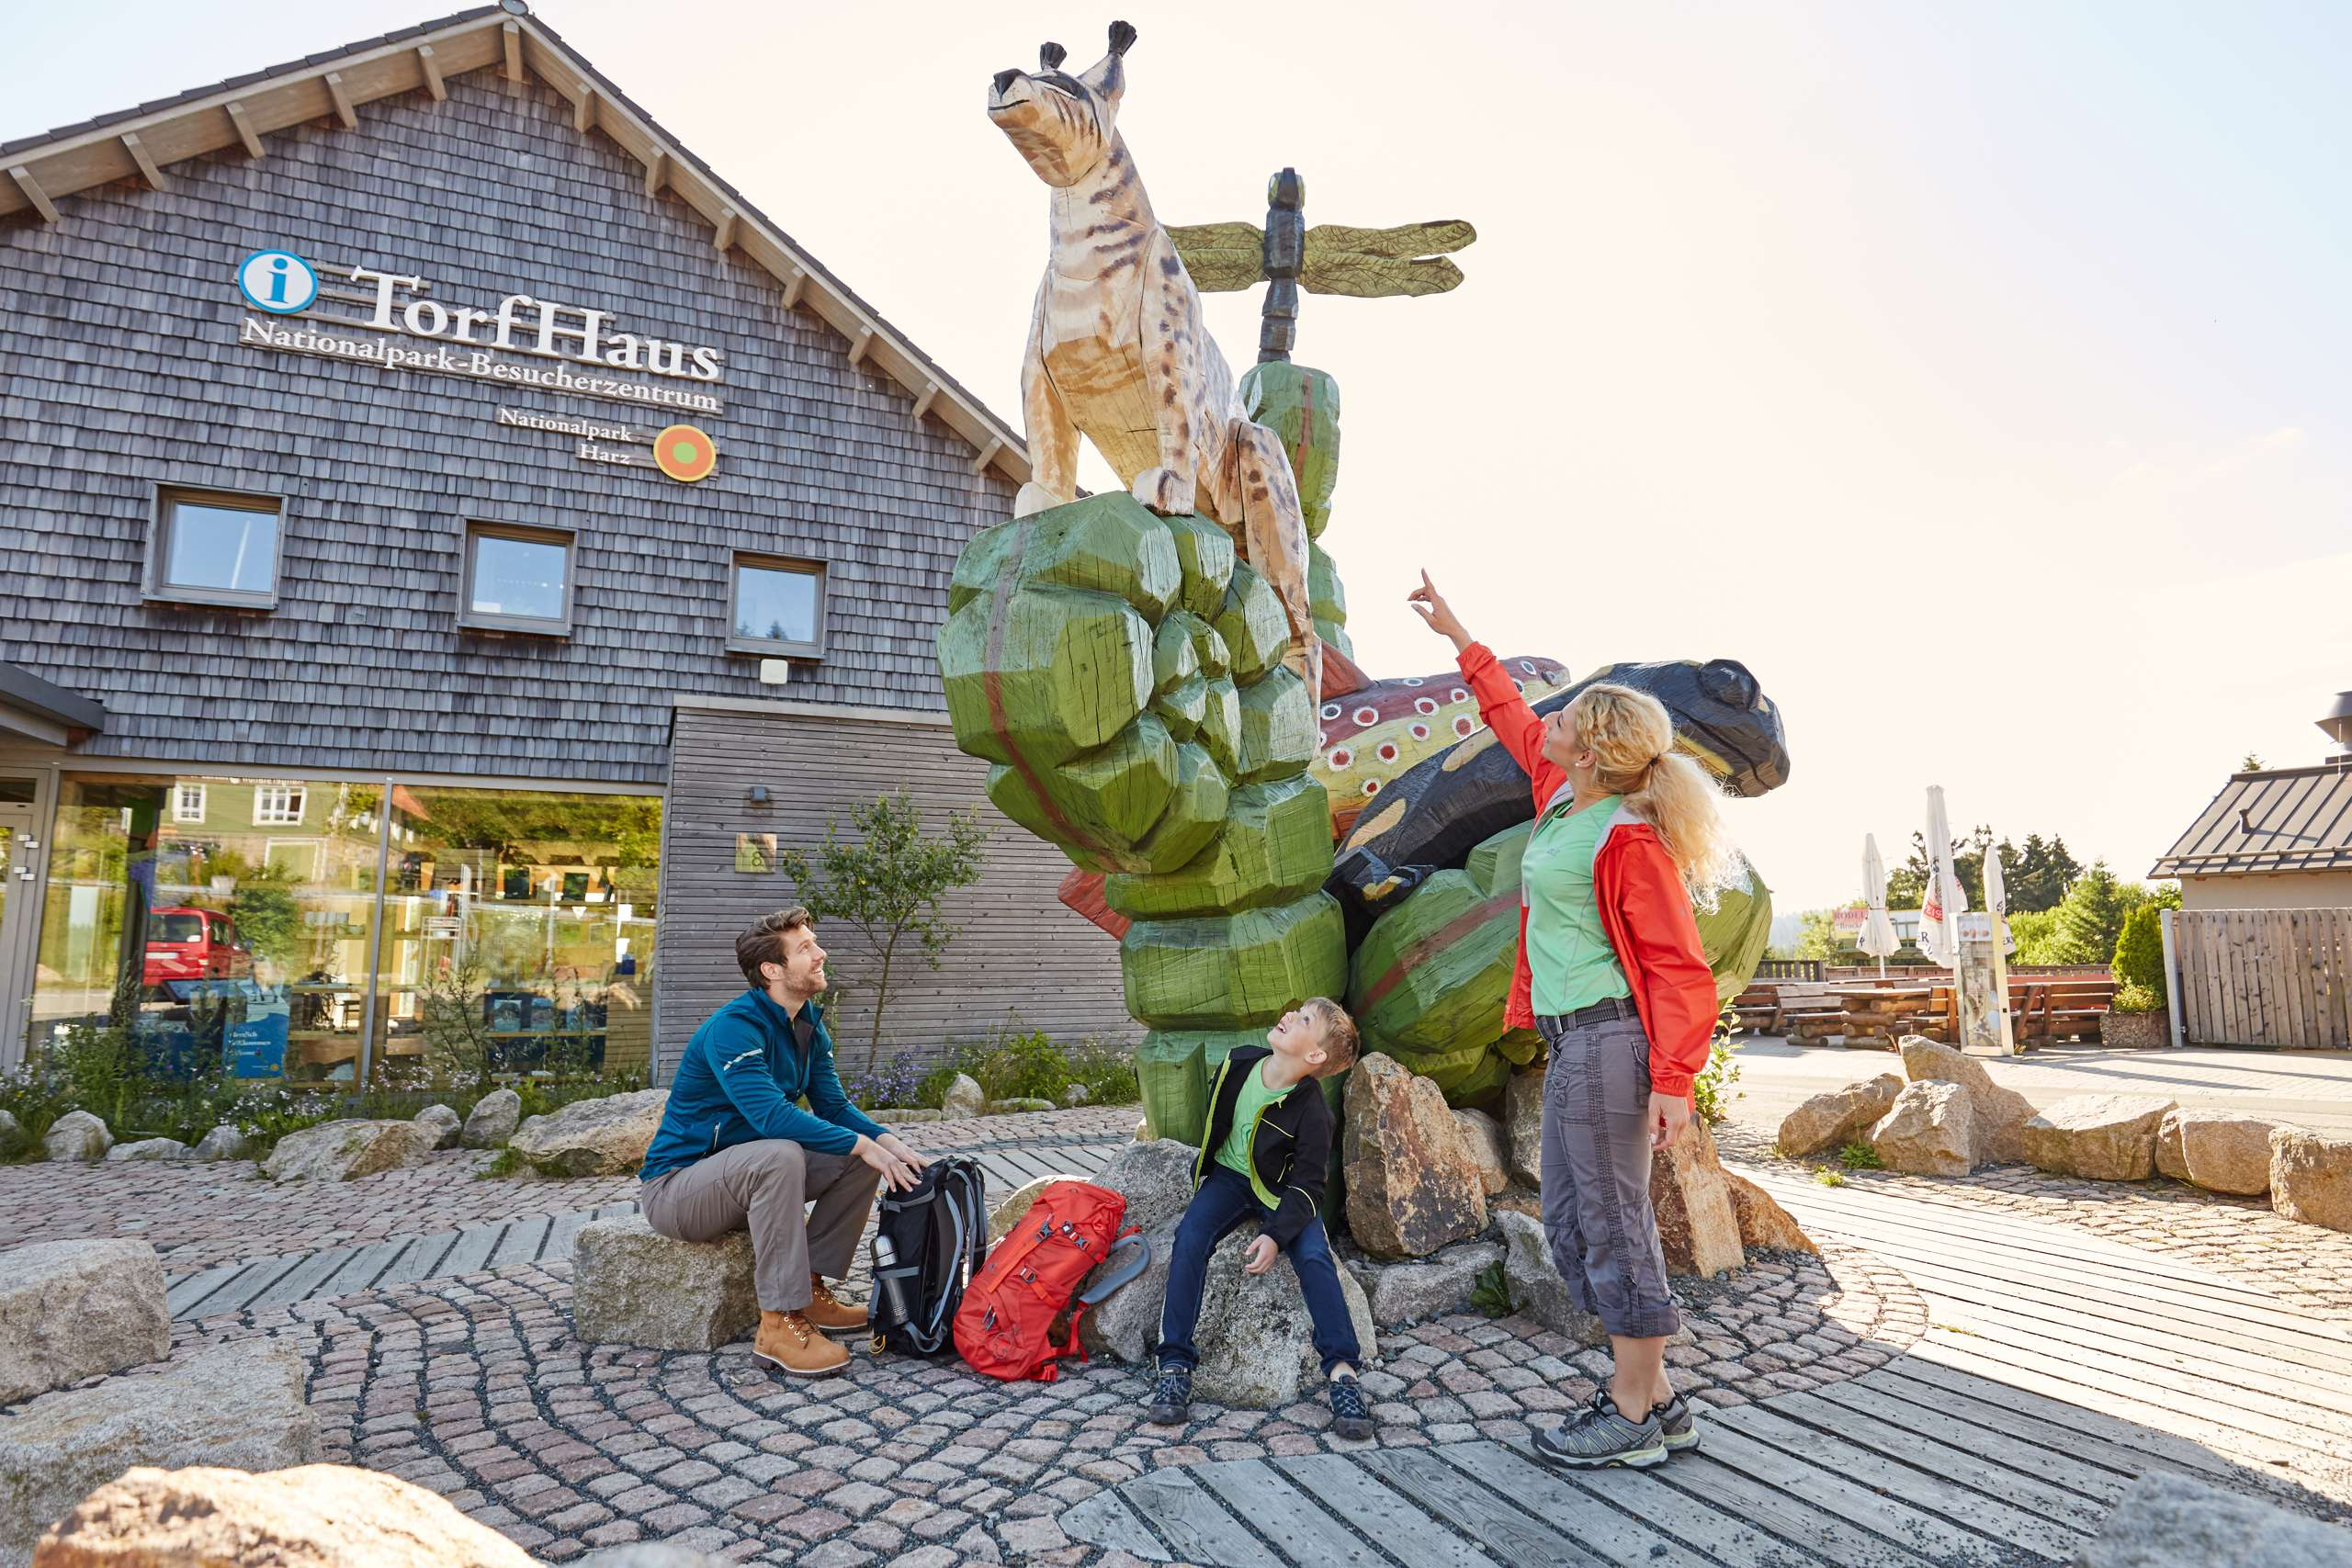 Nationalpark-Besucherzentrum TorfHaus